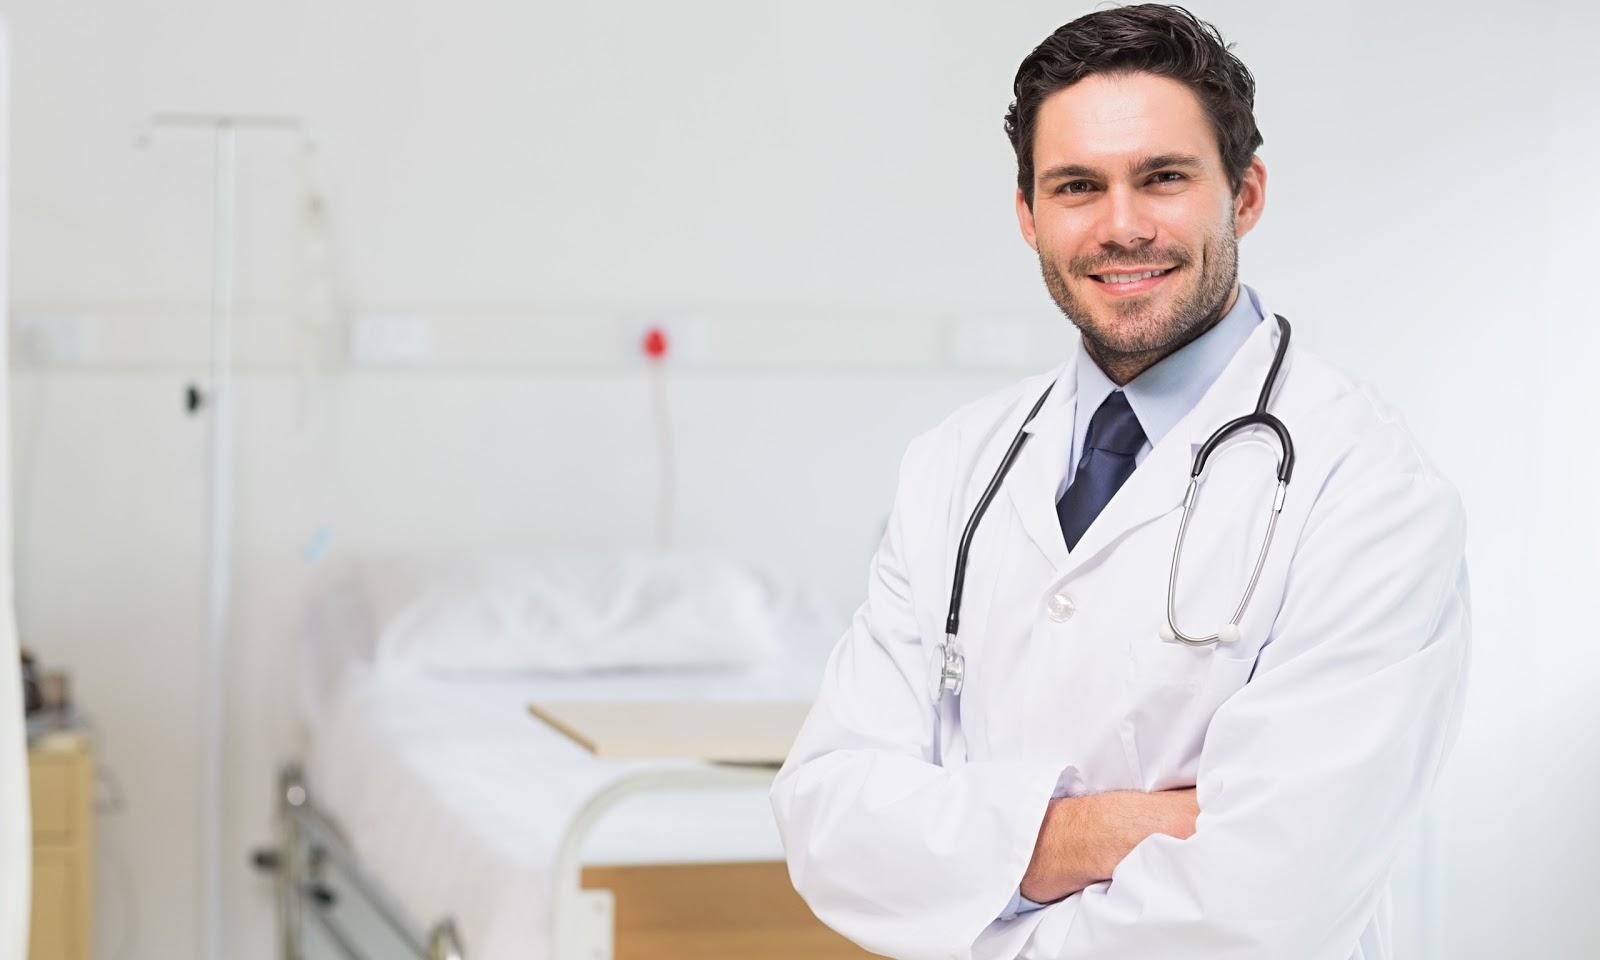 medici possono frequentare ex pazienti